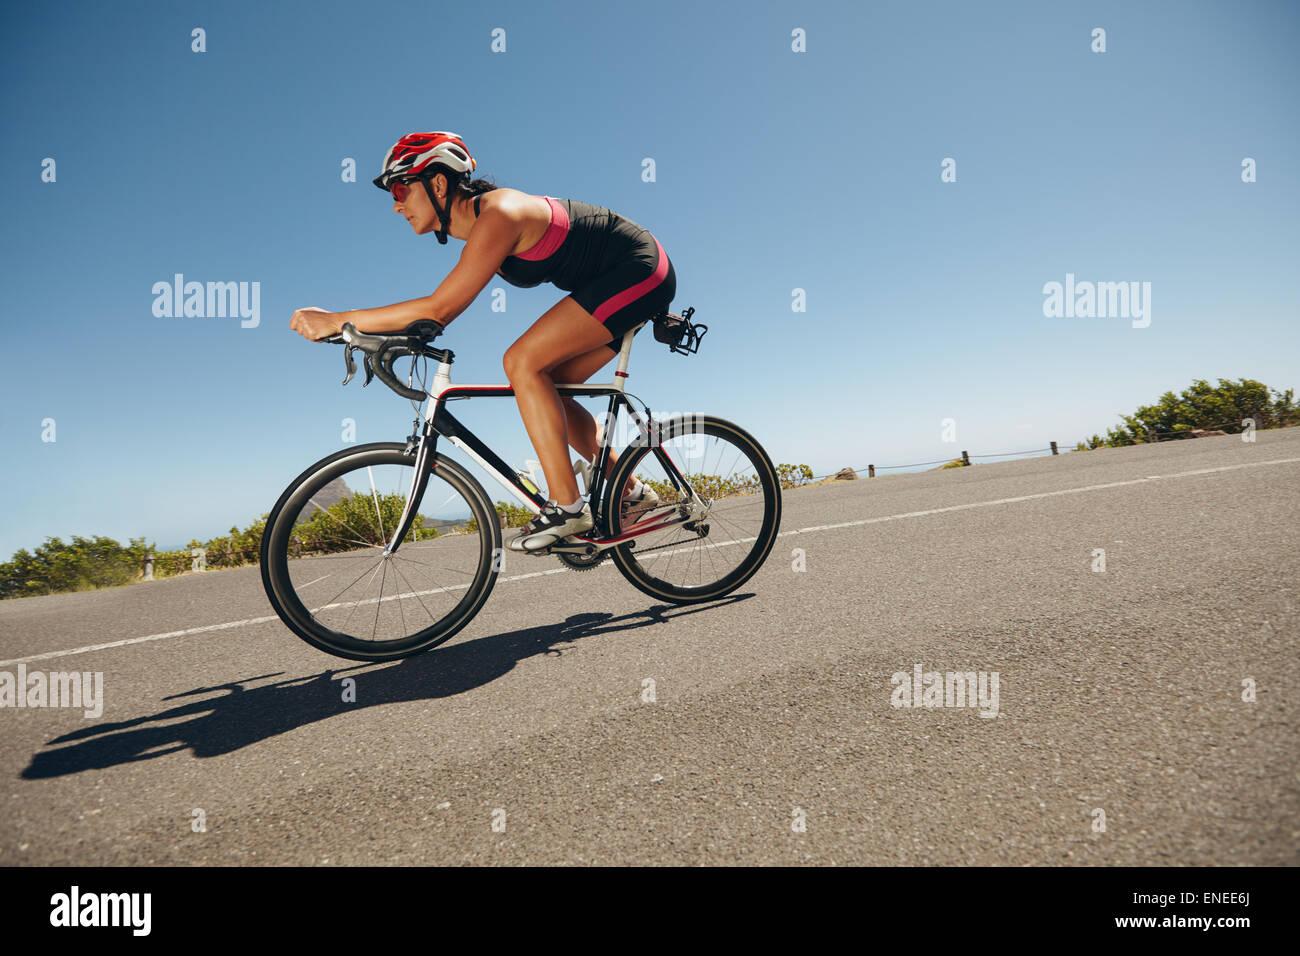 Ciclista femenina en un país por carretera entrenamiento para la competencia. Mujer joven montando bicicleta Imagen De Stock